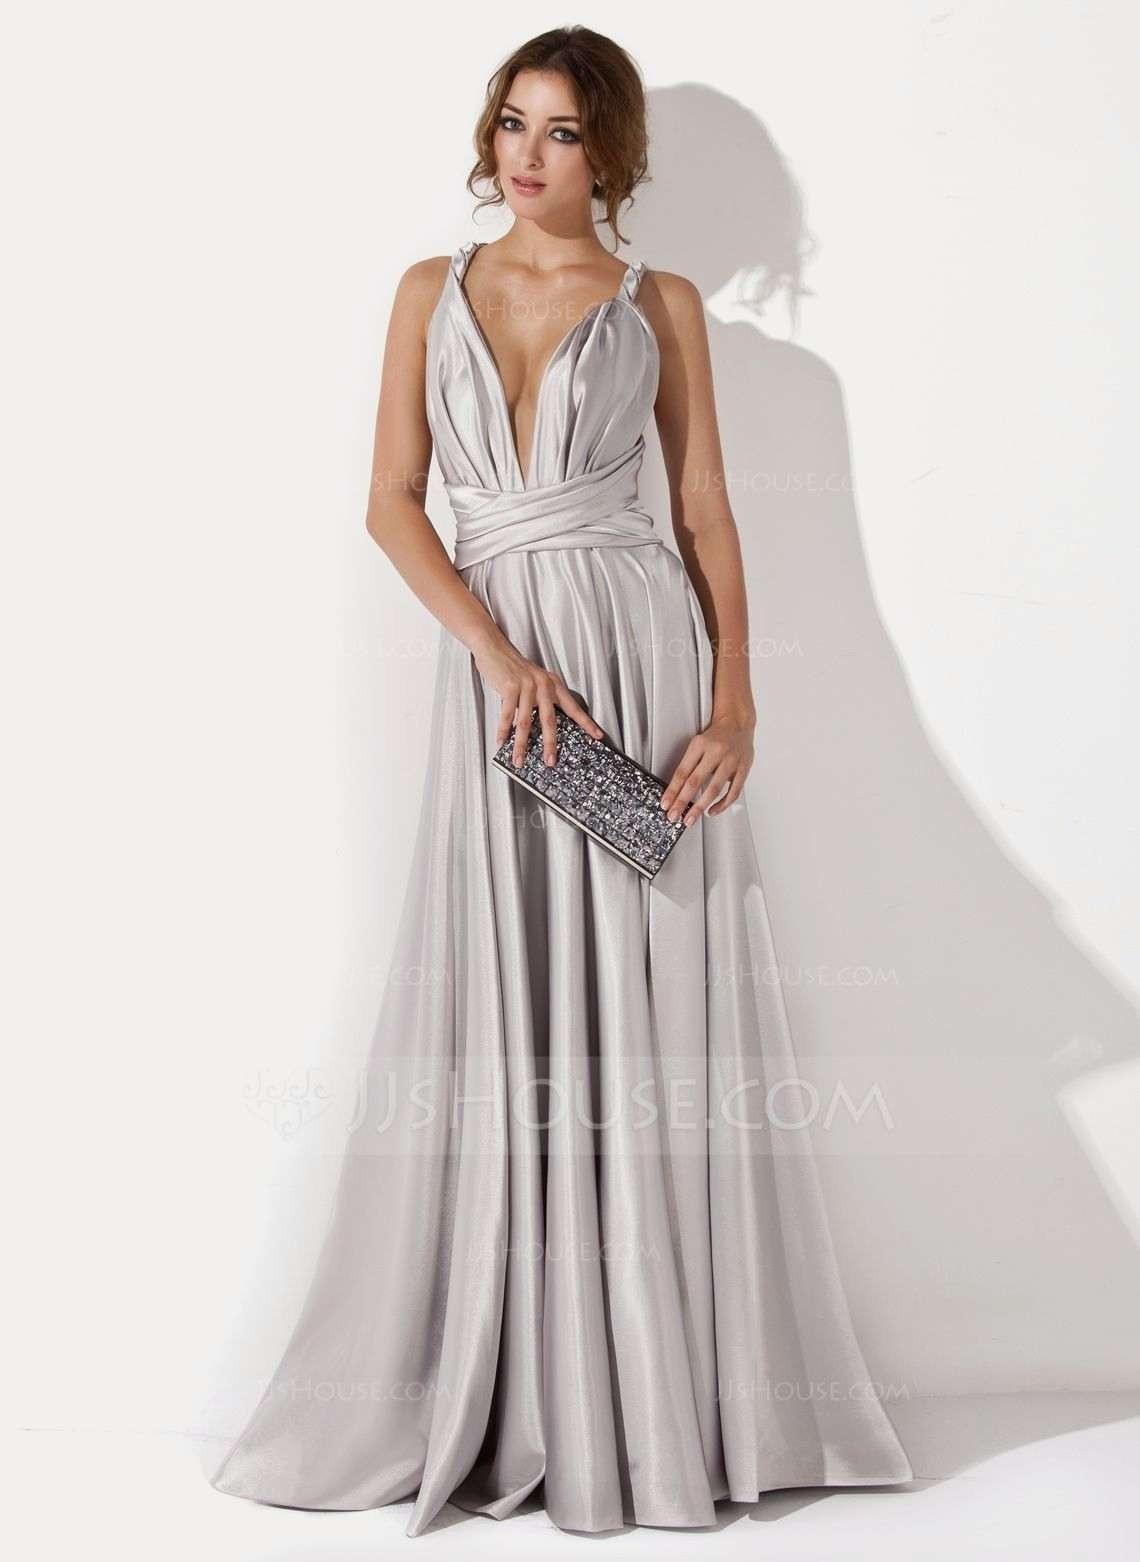 Designer Leicht Lange Abendkleider Für Hochzeit Vertrieb13 Top Lange Abendkleider Für Hochzeit Boutique